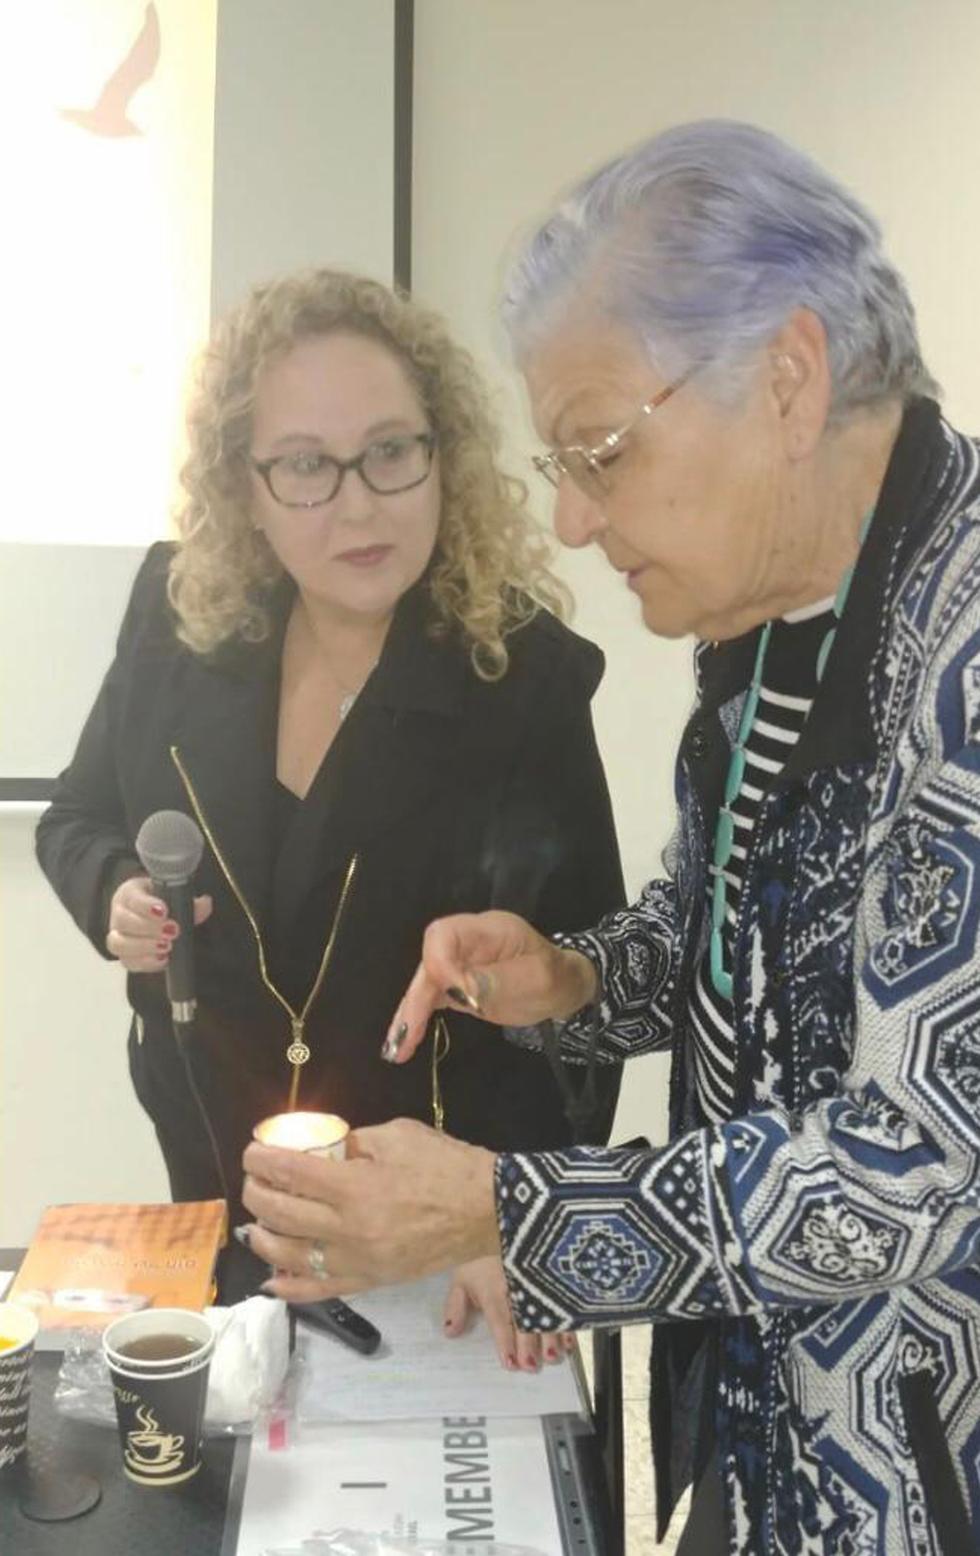 אופירה עם רוזי ניצולת השואה מדליקות נרות זיכרון בוחרים מחר לעד ()